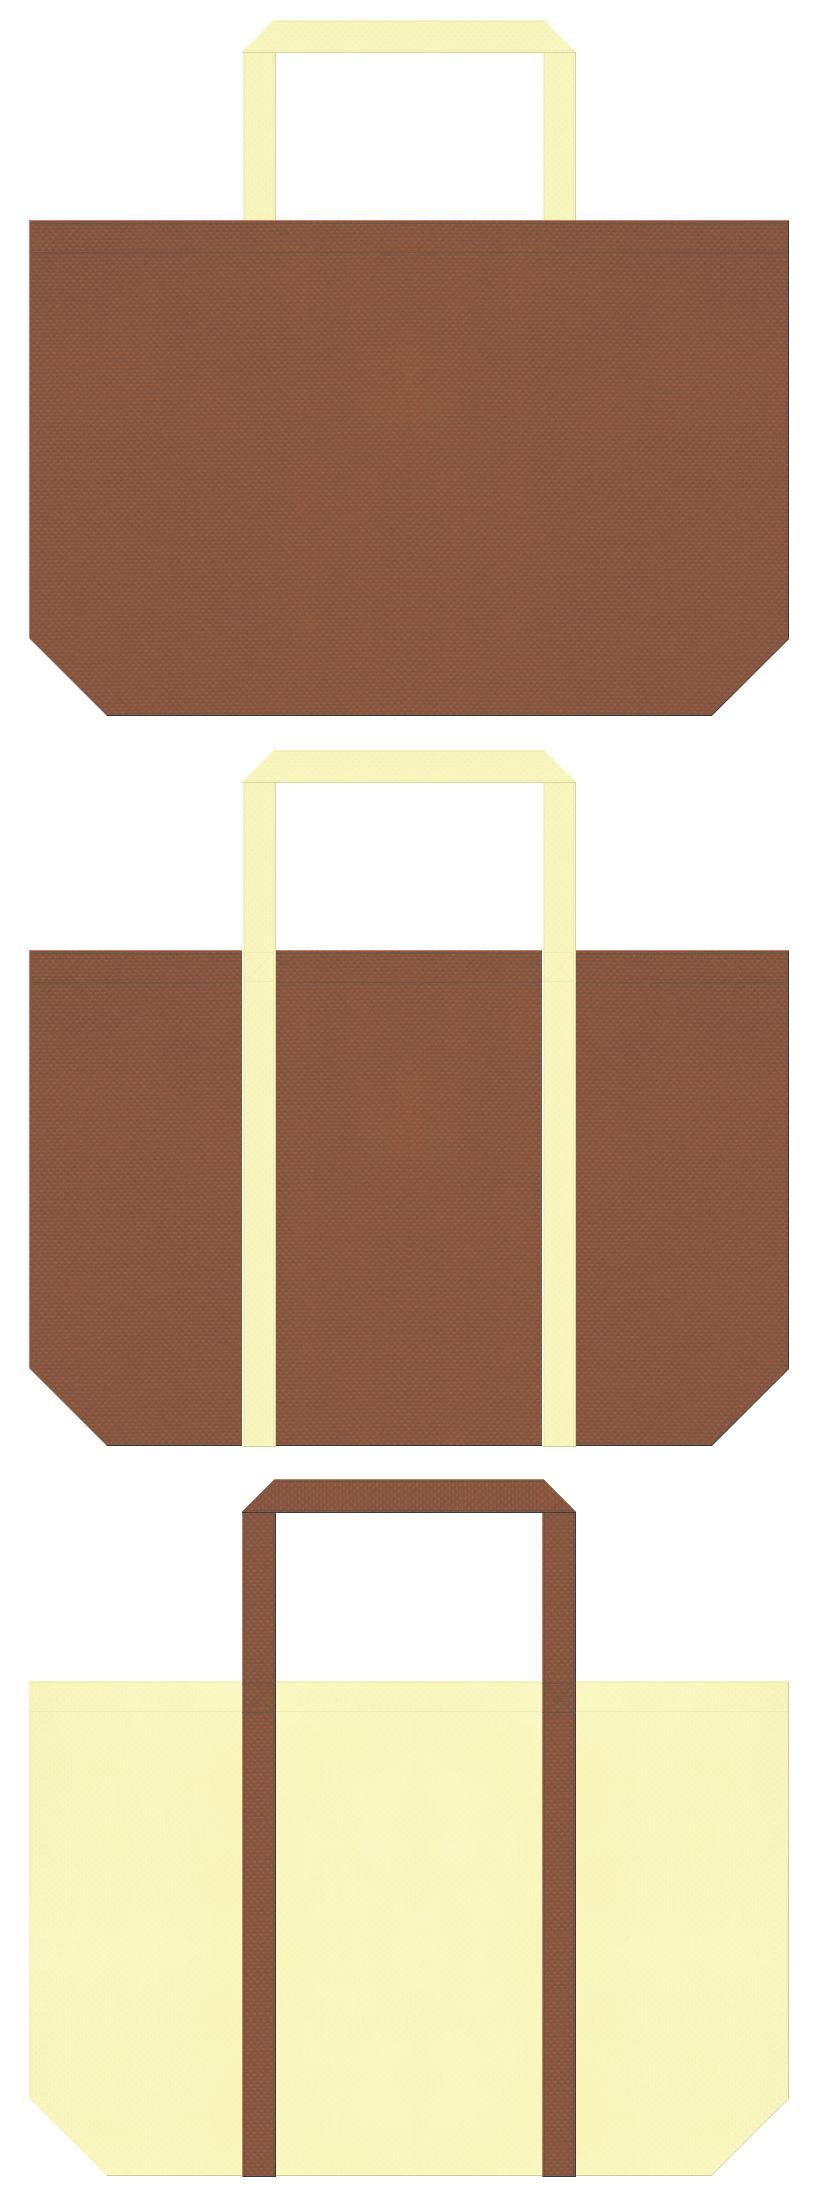 茶色と薄黄色の不織布バッグデザイン。ベーカリーショップのショッピングバッグにお奨めです。クリームパン風。